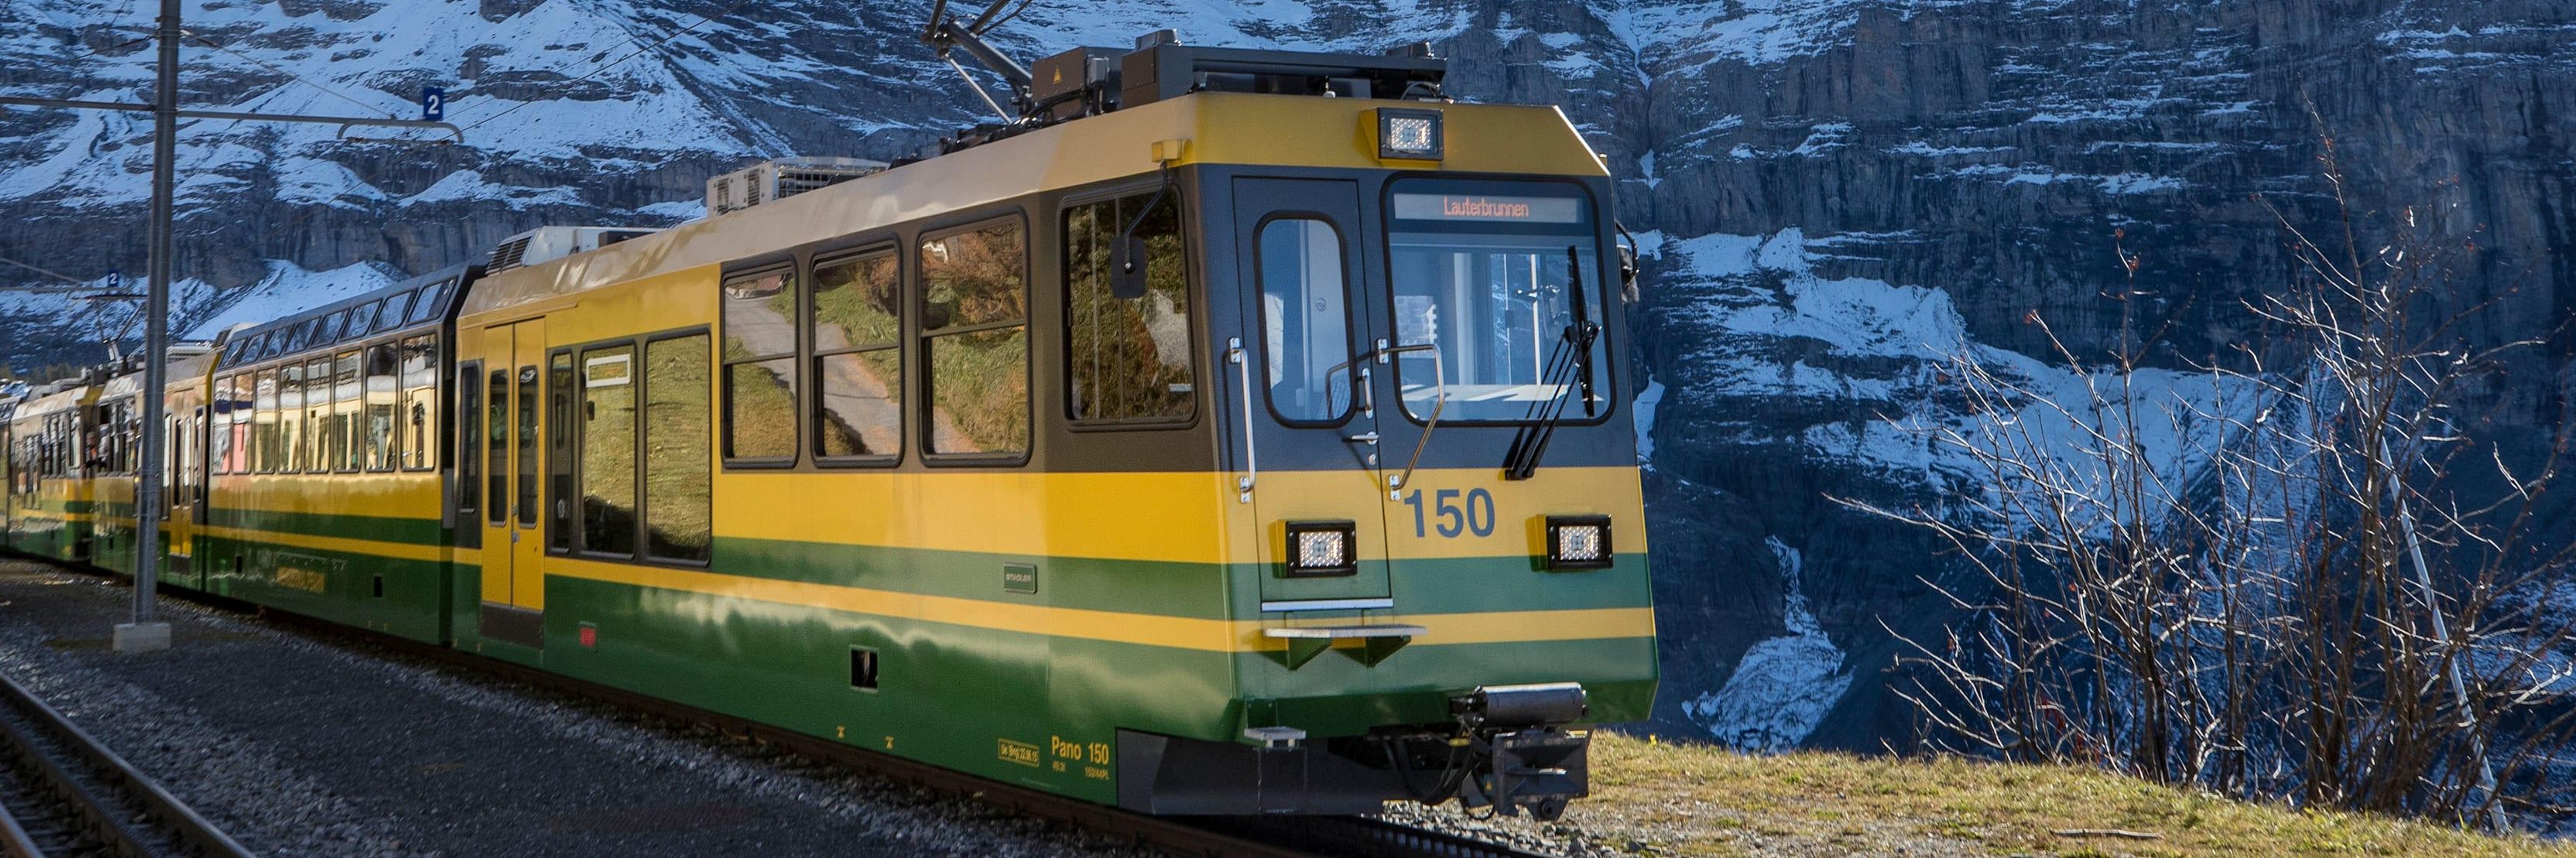 Wengernalpbahn wengernalp 2018 titelbild jungfrau